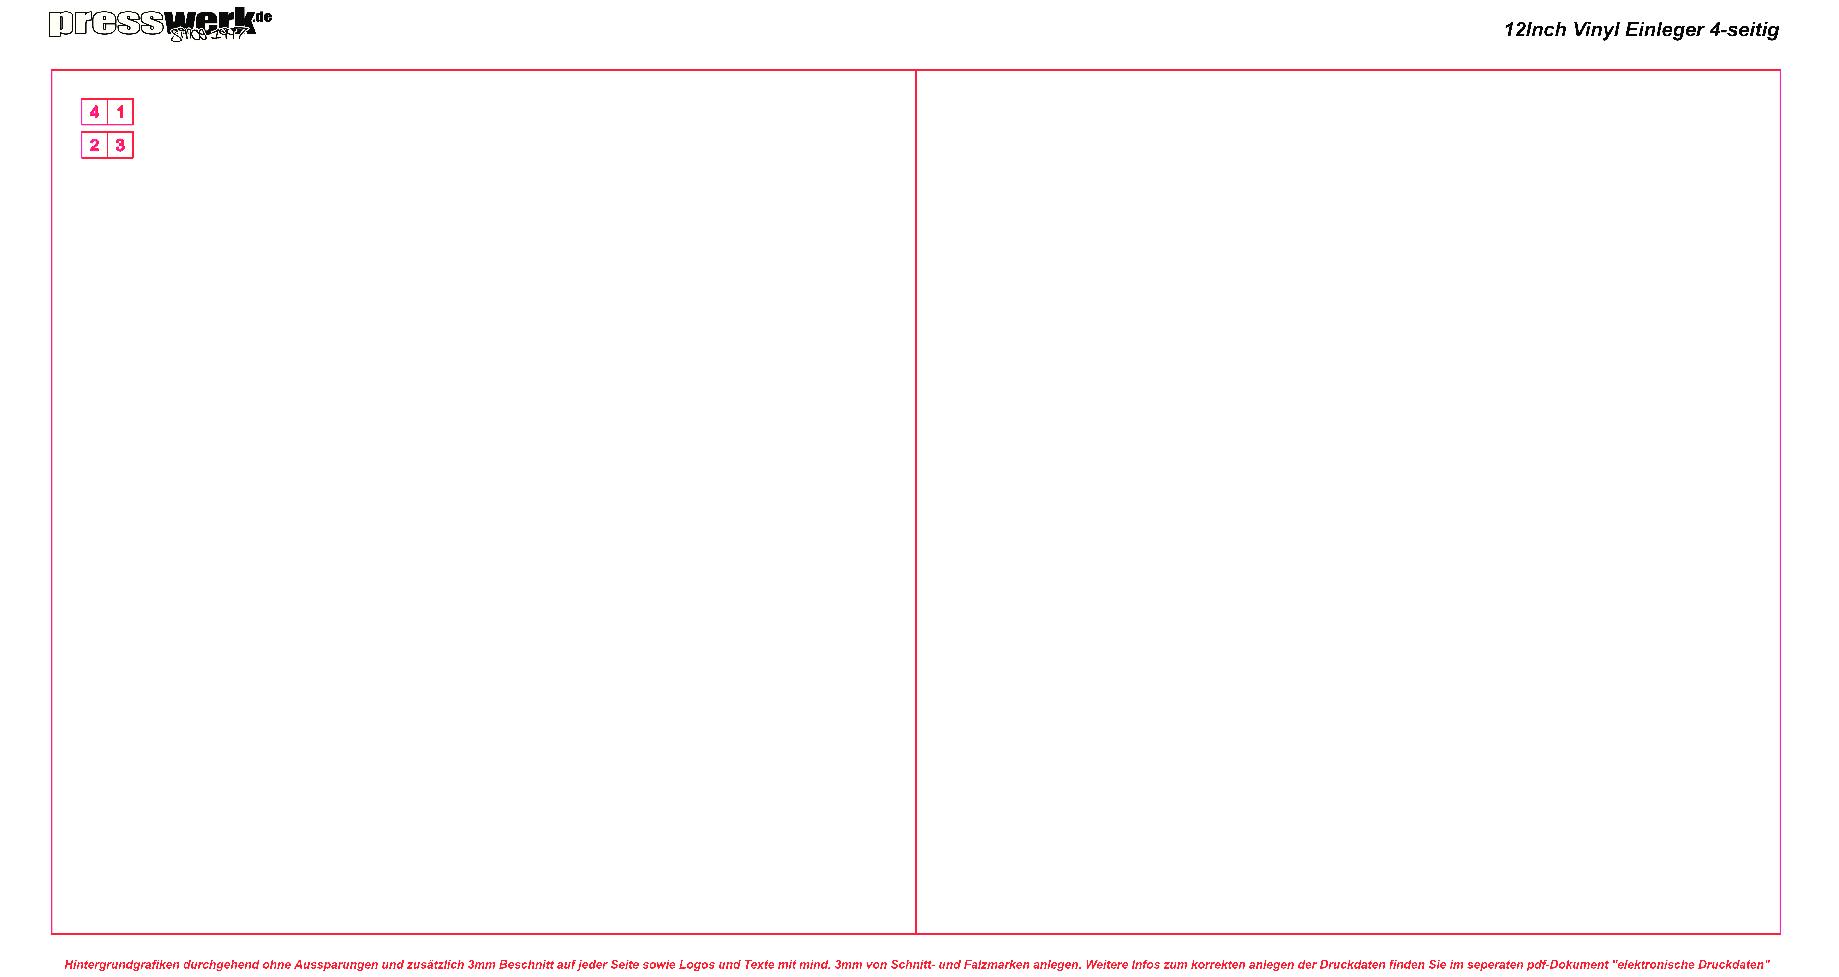 presswerk_de_12-Einleger-4s_Template_300dpiCMYK.pdf